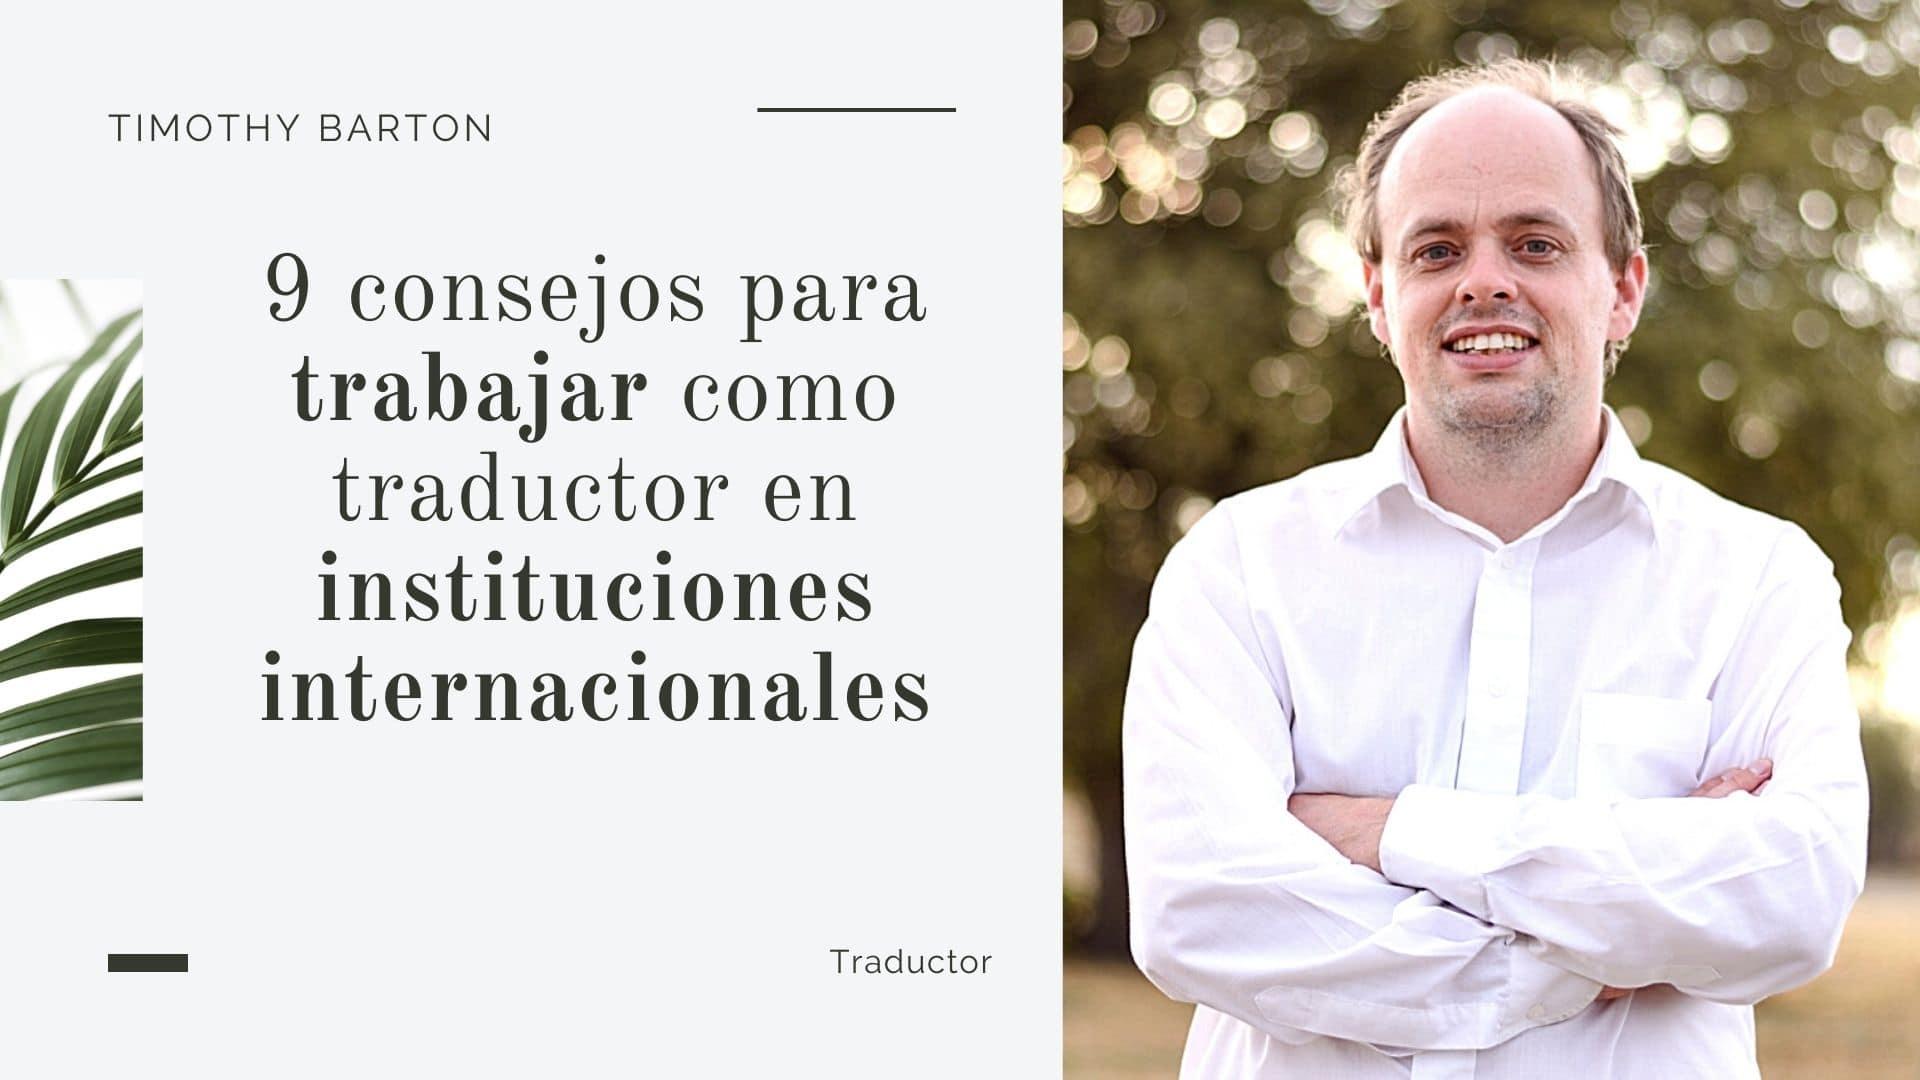 trabajar como traductor en instituciones internacionales